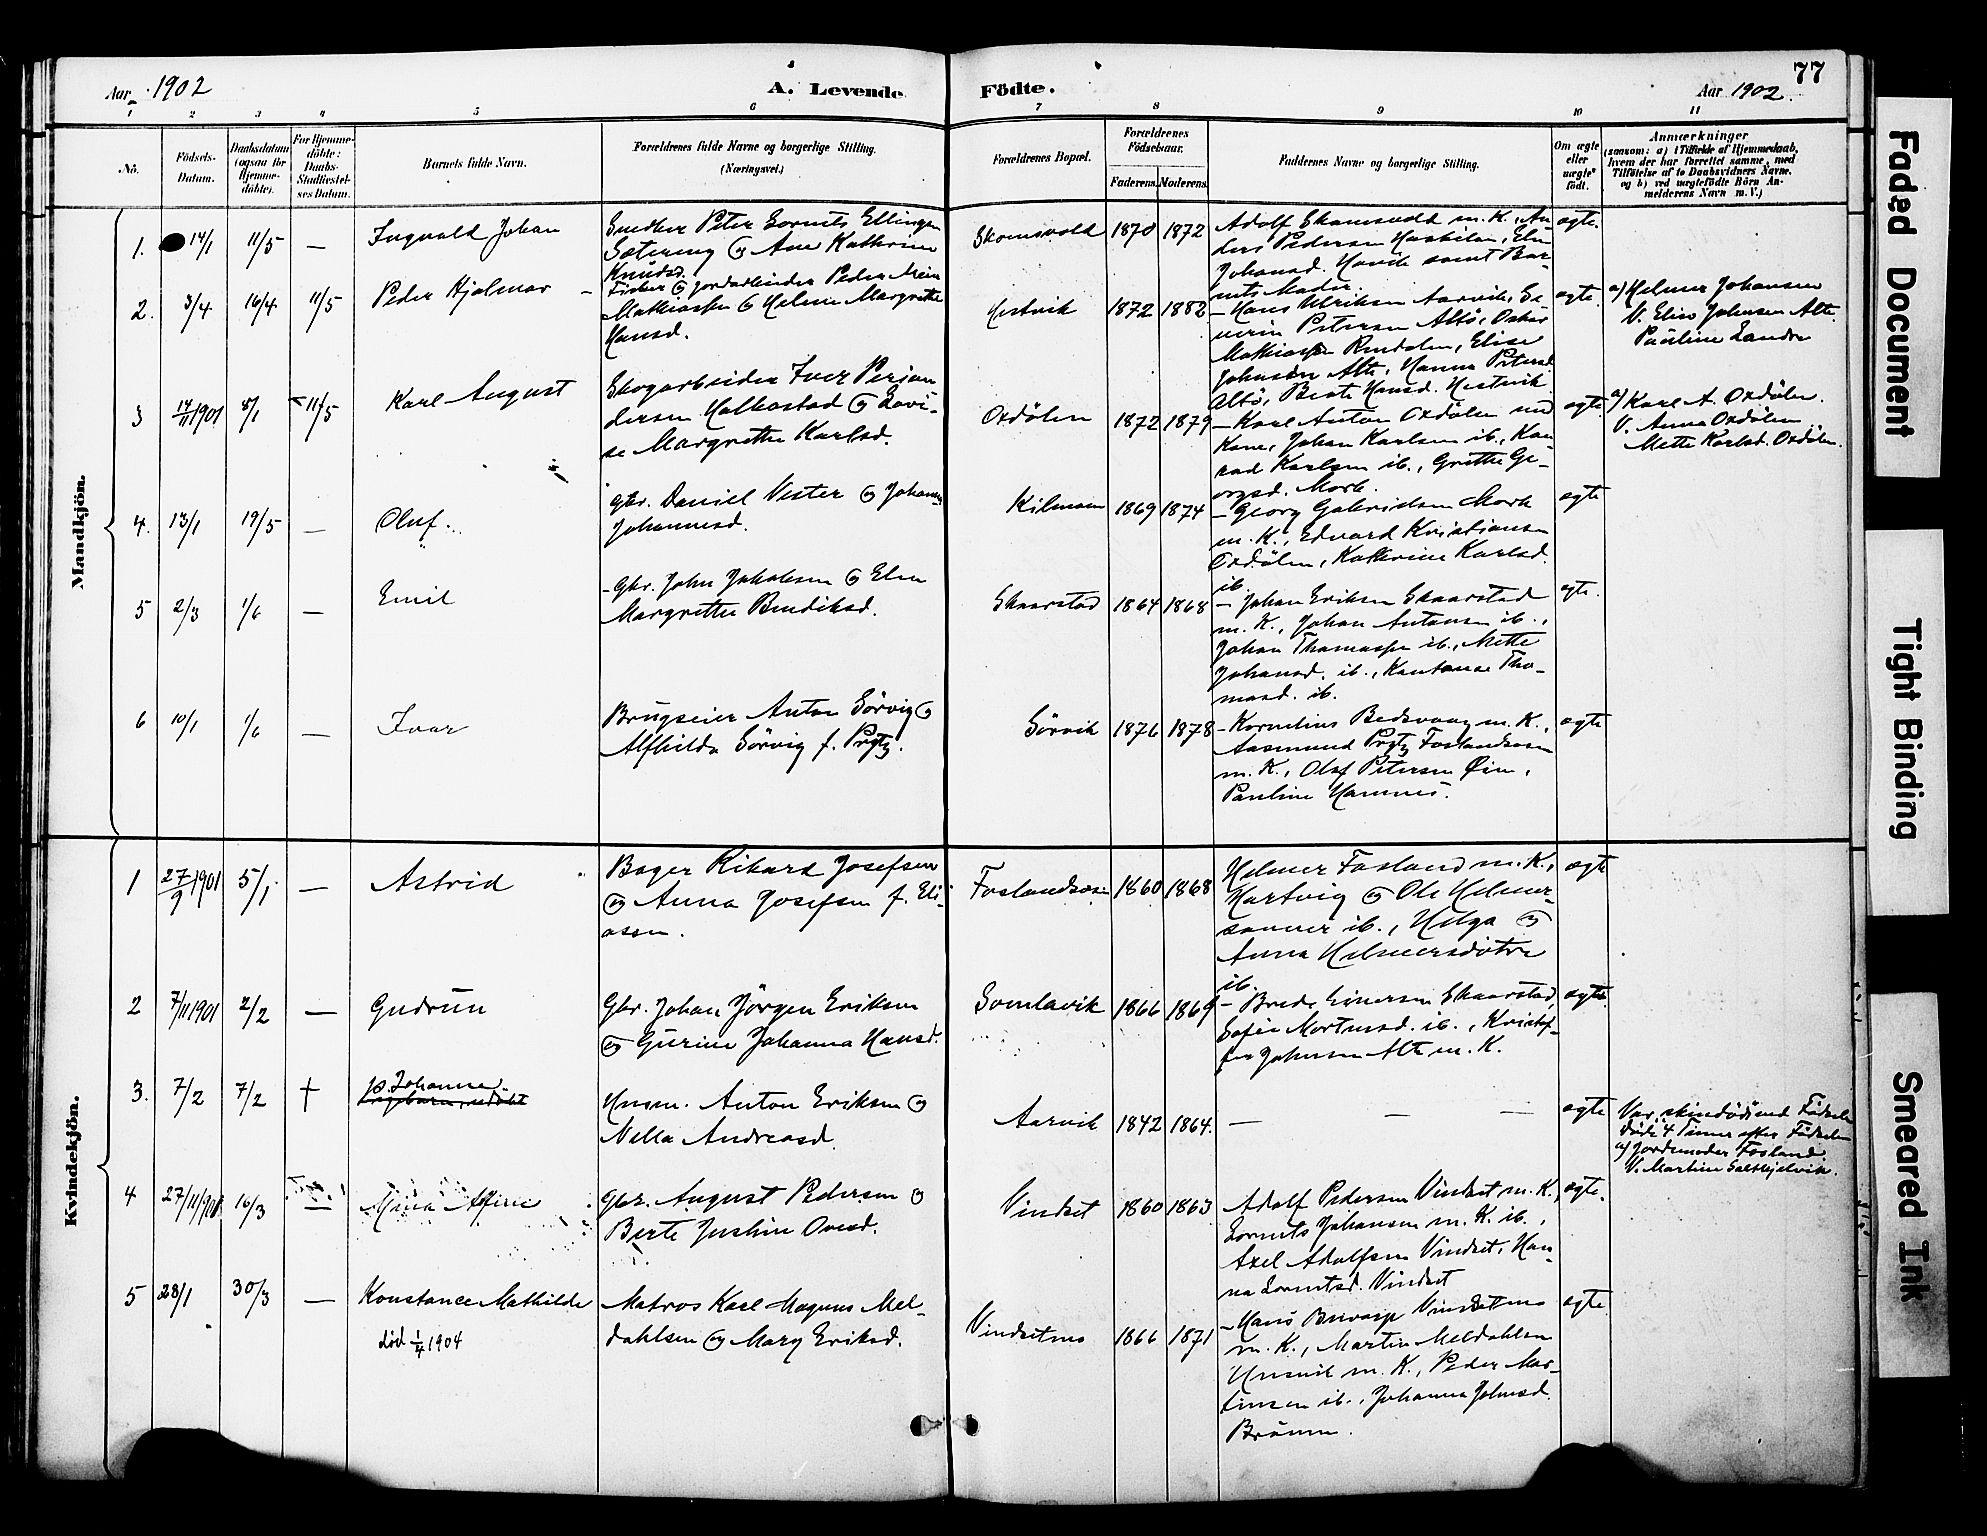 SAT, Ministerialprotokoller, klokkerbøker og fødselsregistre - Nord-Trøndelag, 774/L0628: Parish register (official) no. 774A02, 1887-1903, p. 77